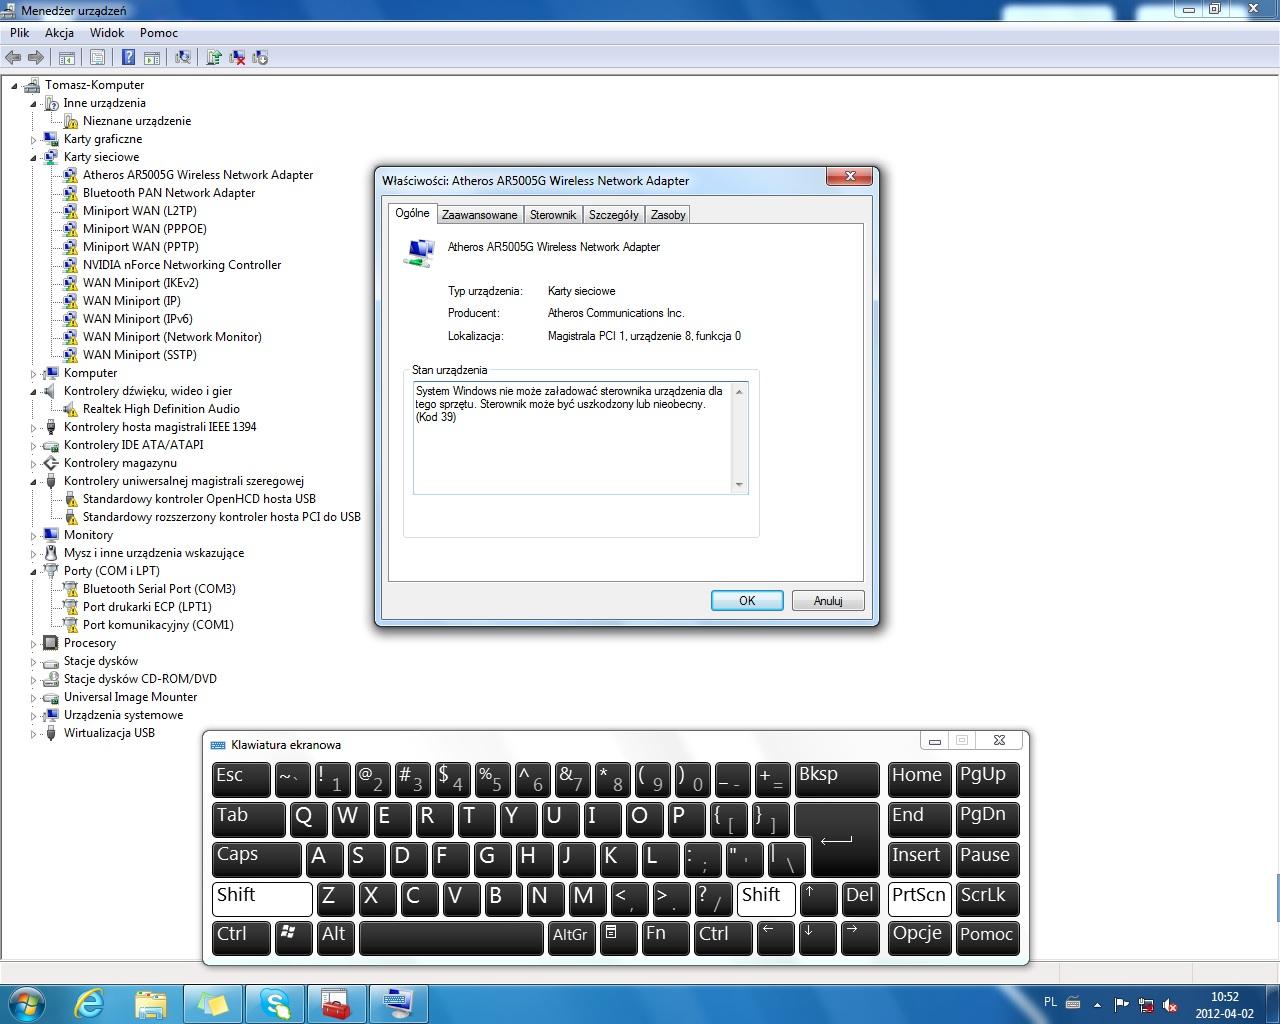 Windows 7 x64 - przesta�y dzia�a�: d�wi�k, sie�, USB, COM/LPT